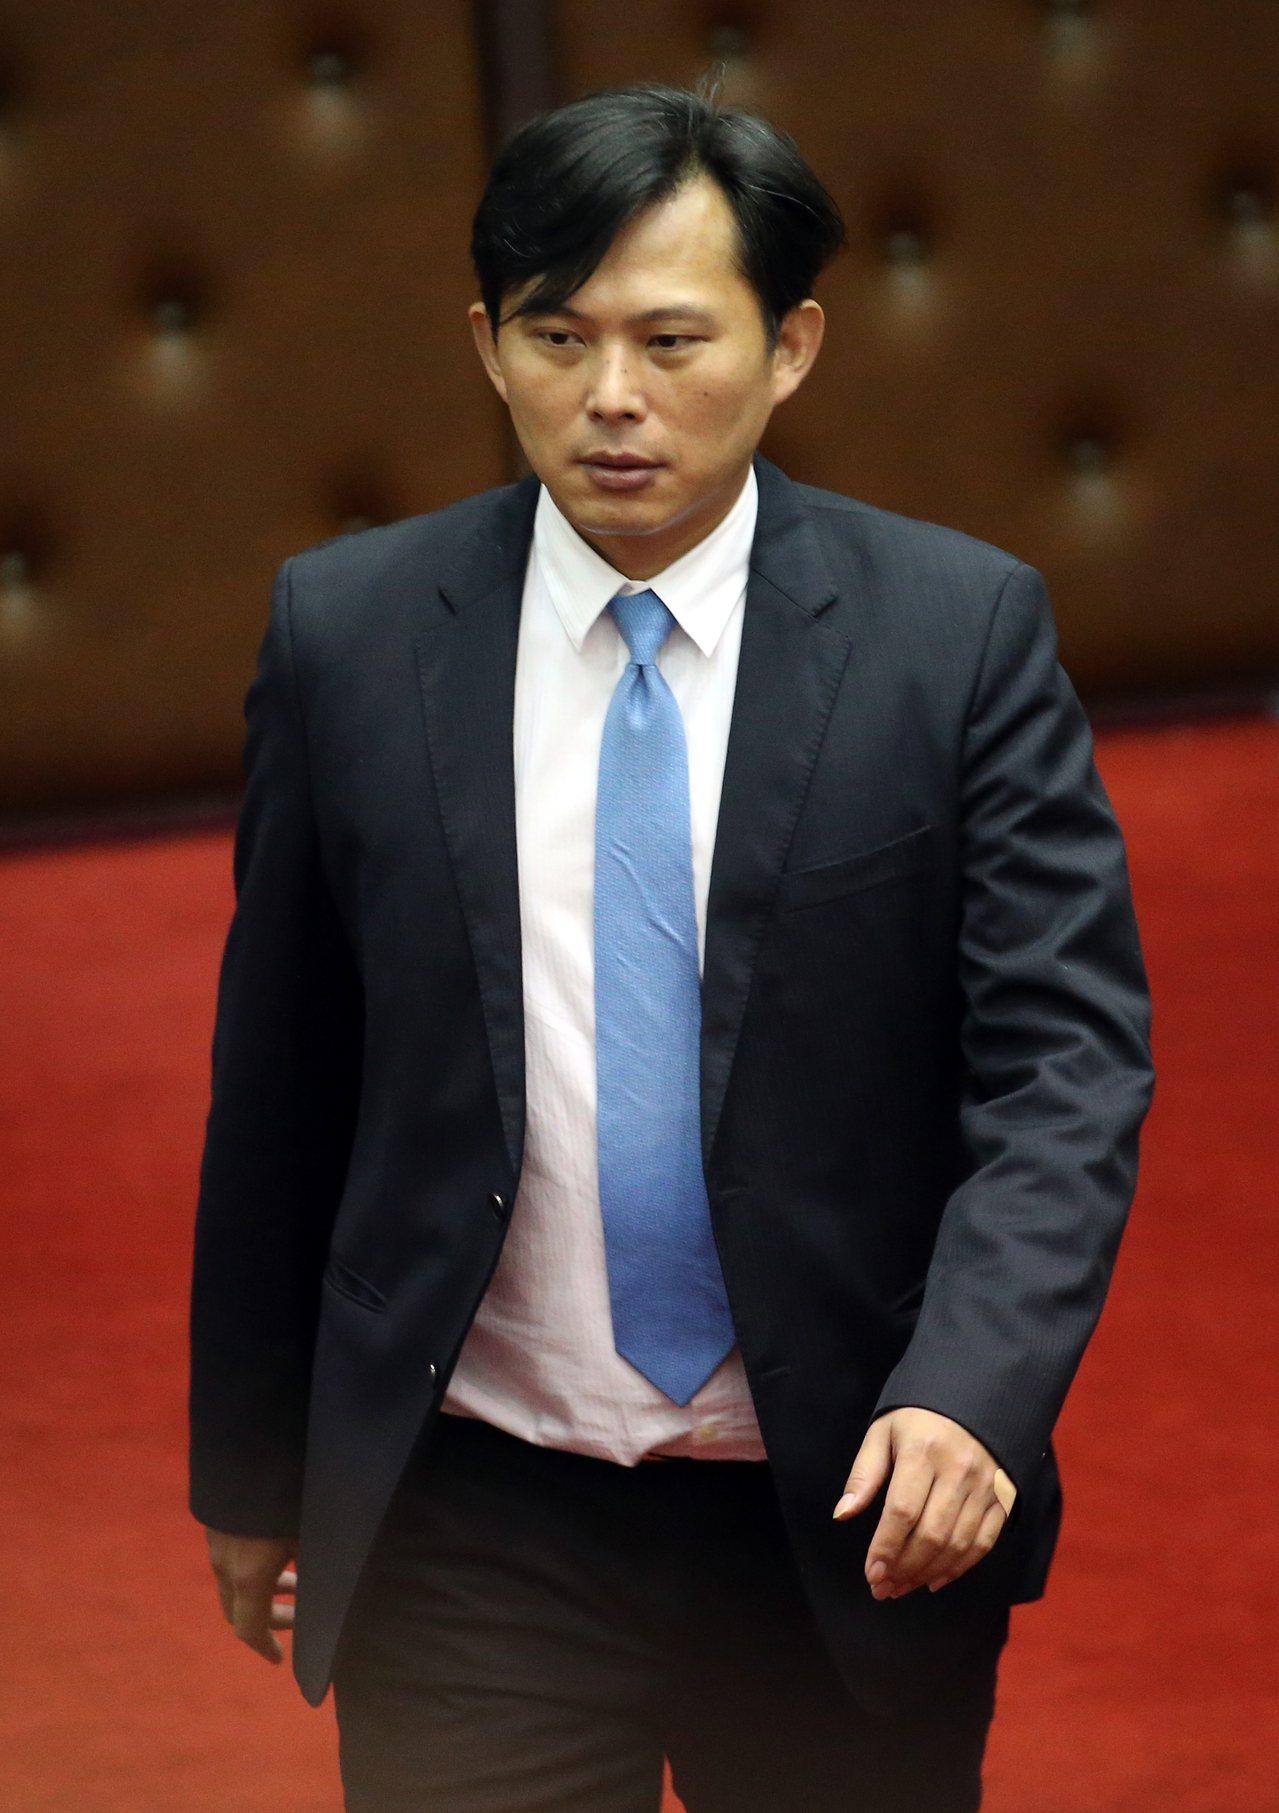 立委黃國昌(圖)質詢經濟部慶富「獵雷艦」詐貸案一事。記者許正宏/攝影